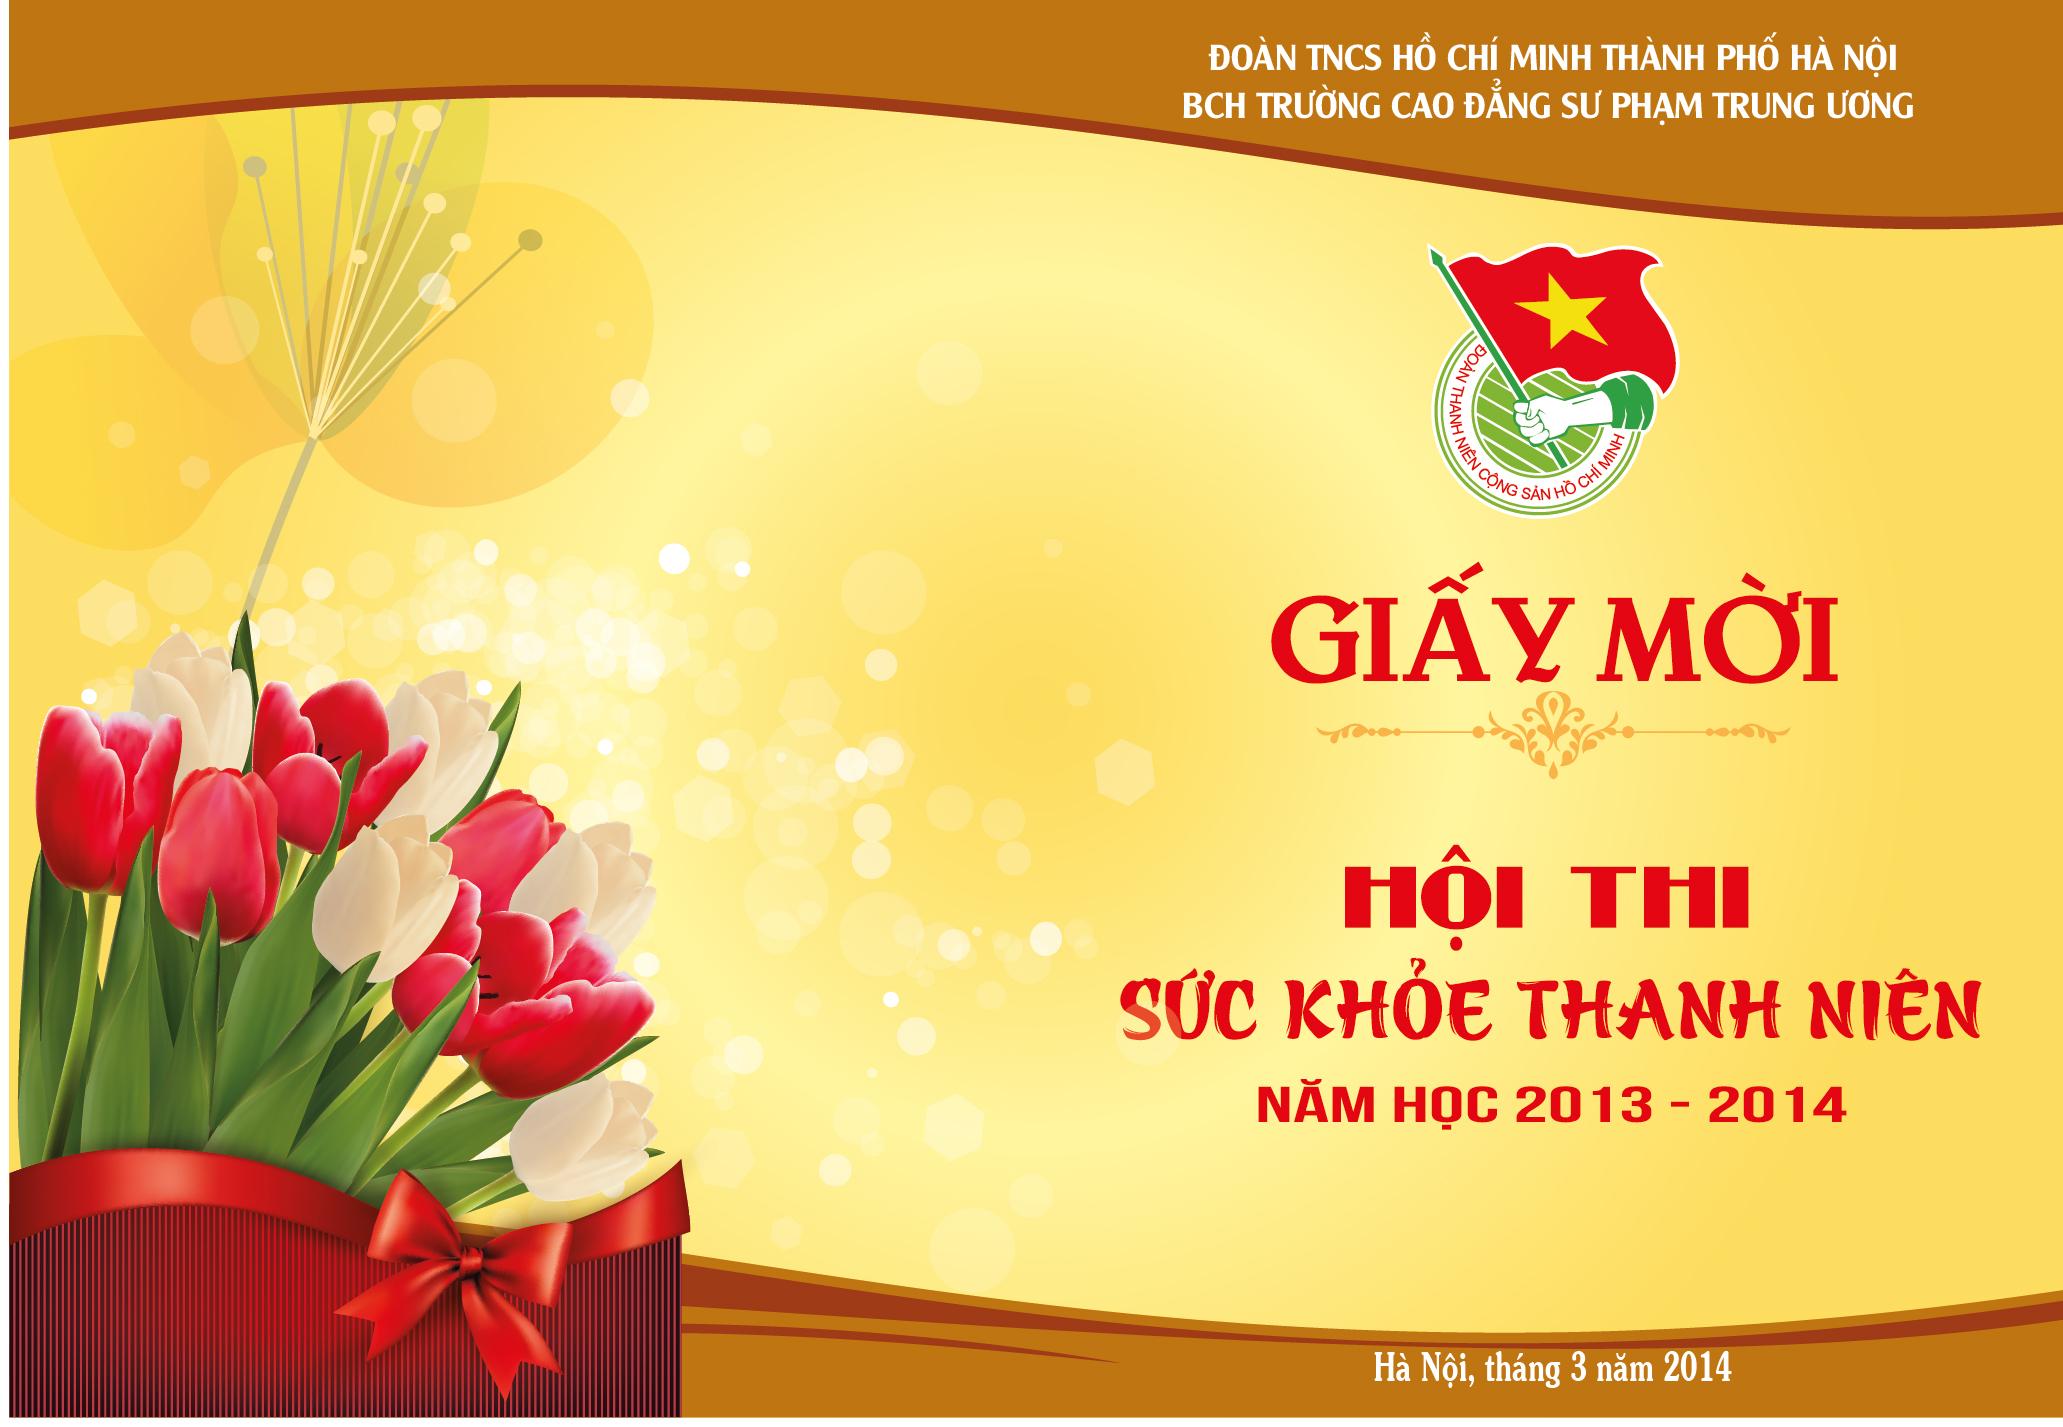 Mẫu giấy mời hôi thi sức khỏe ở Hà Nội